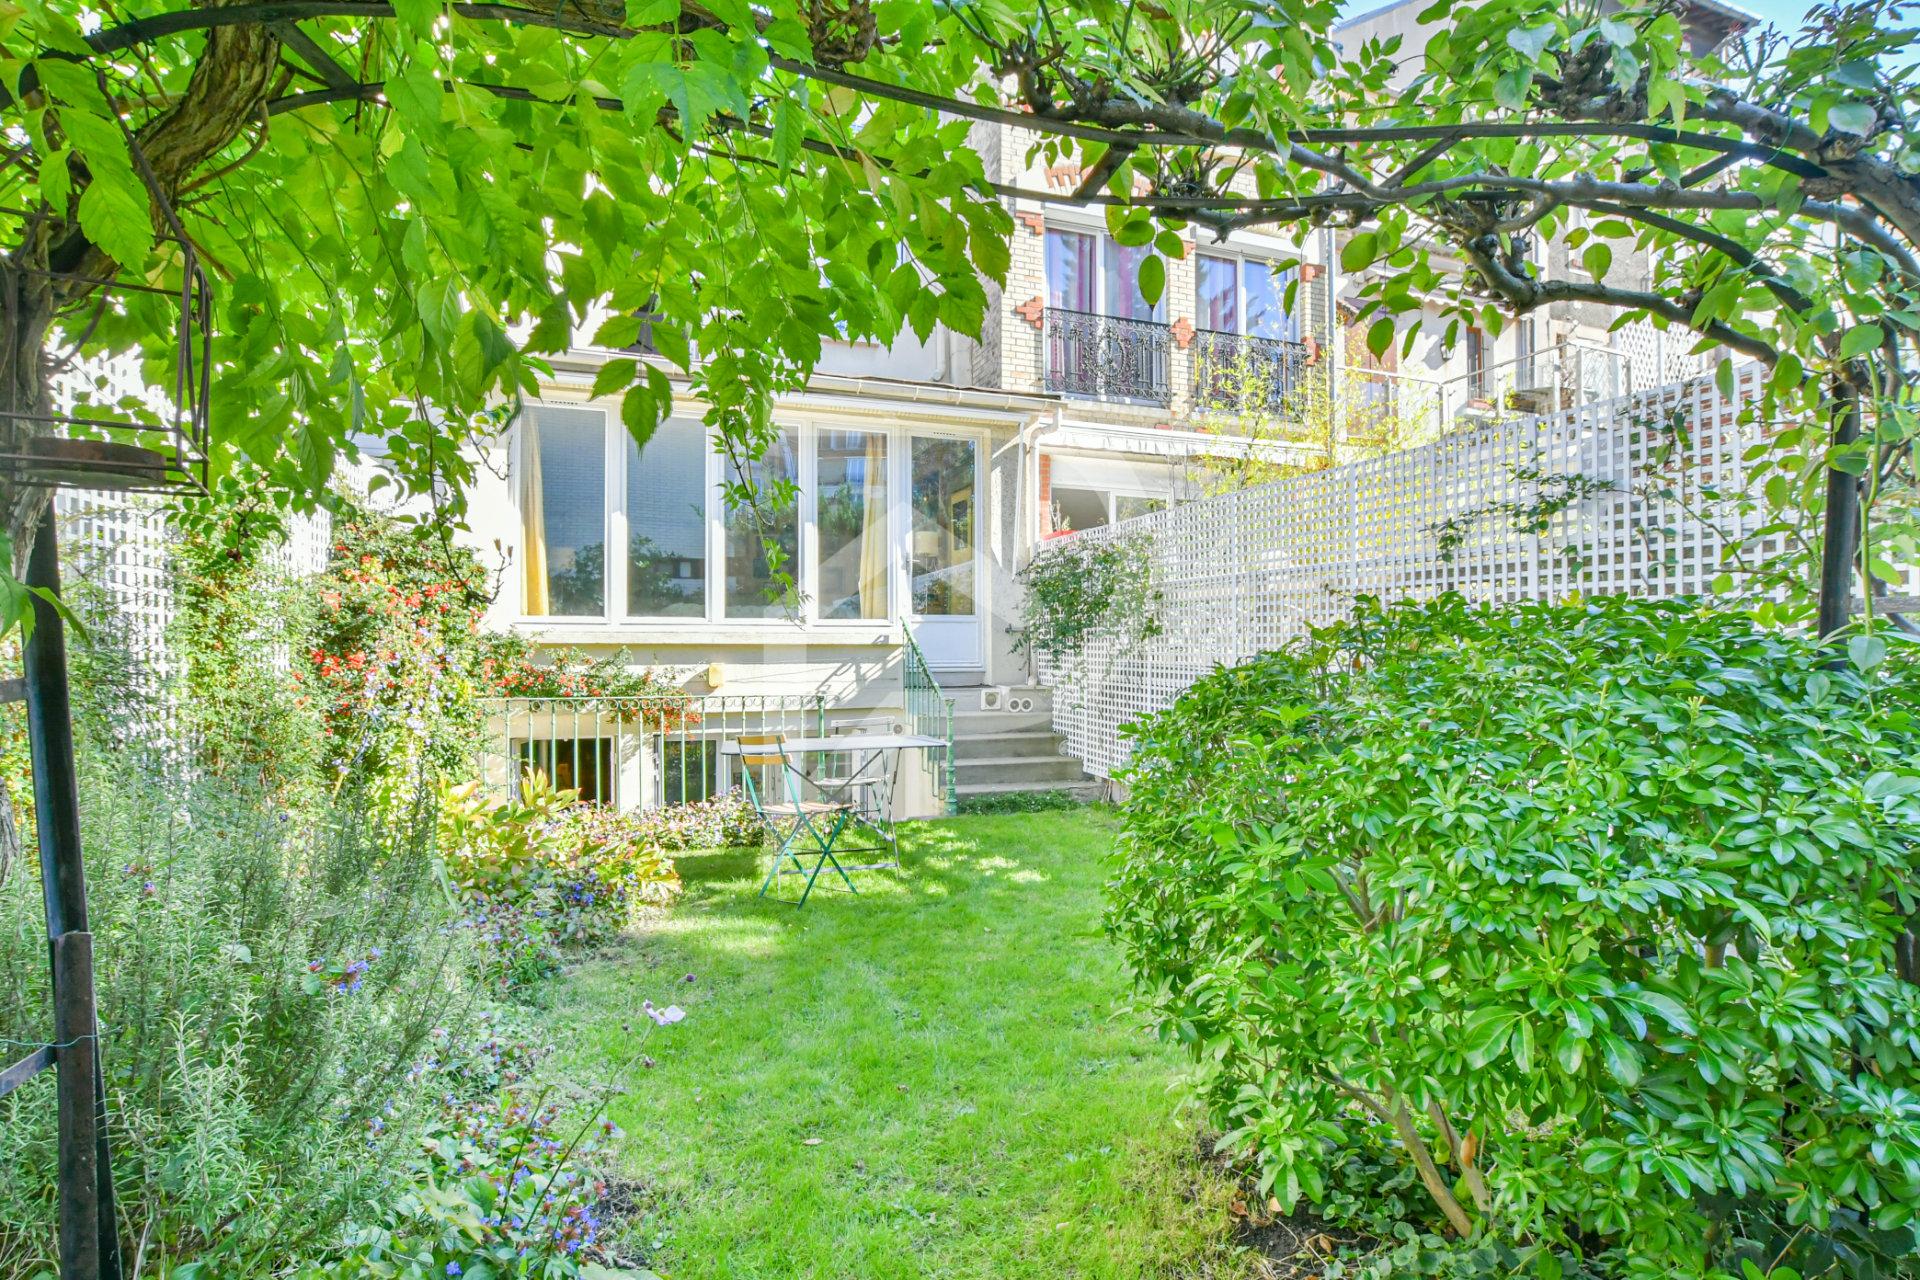 Maison a vendre boulogne-billancourt - 7 pièce(s) - 180 m2 - Surfyn